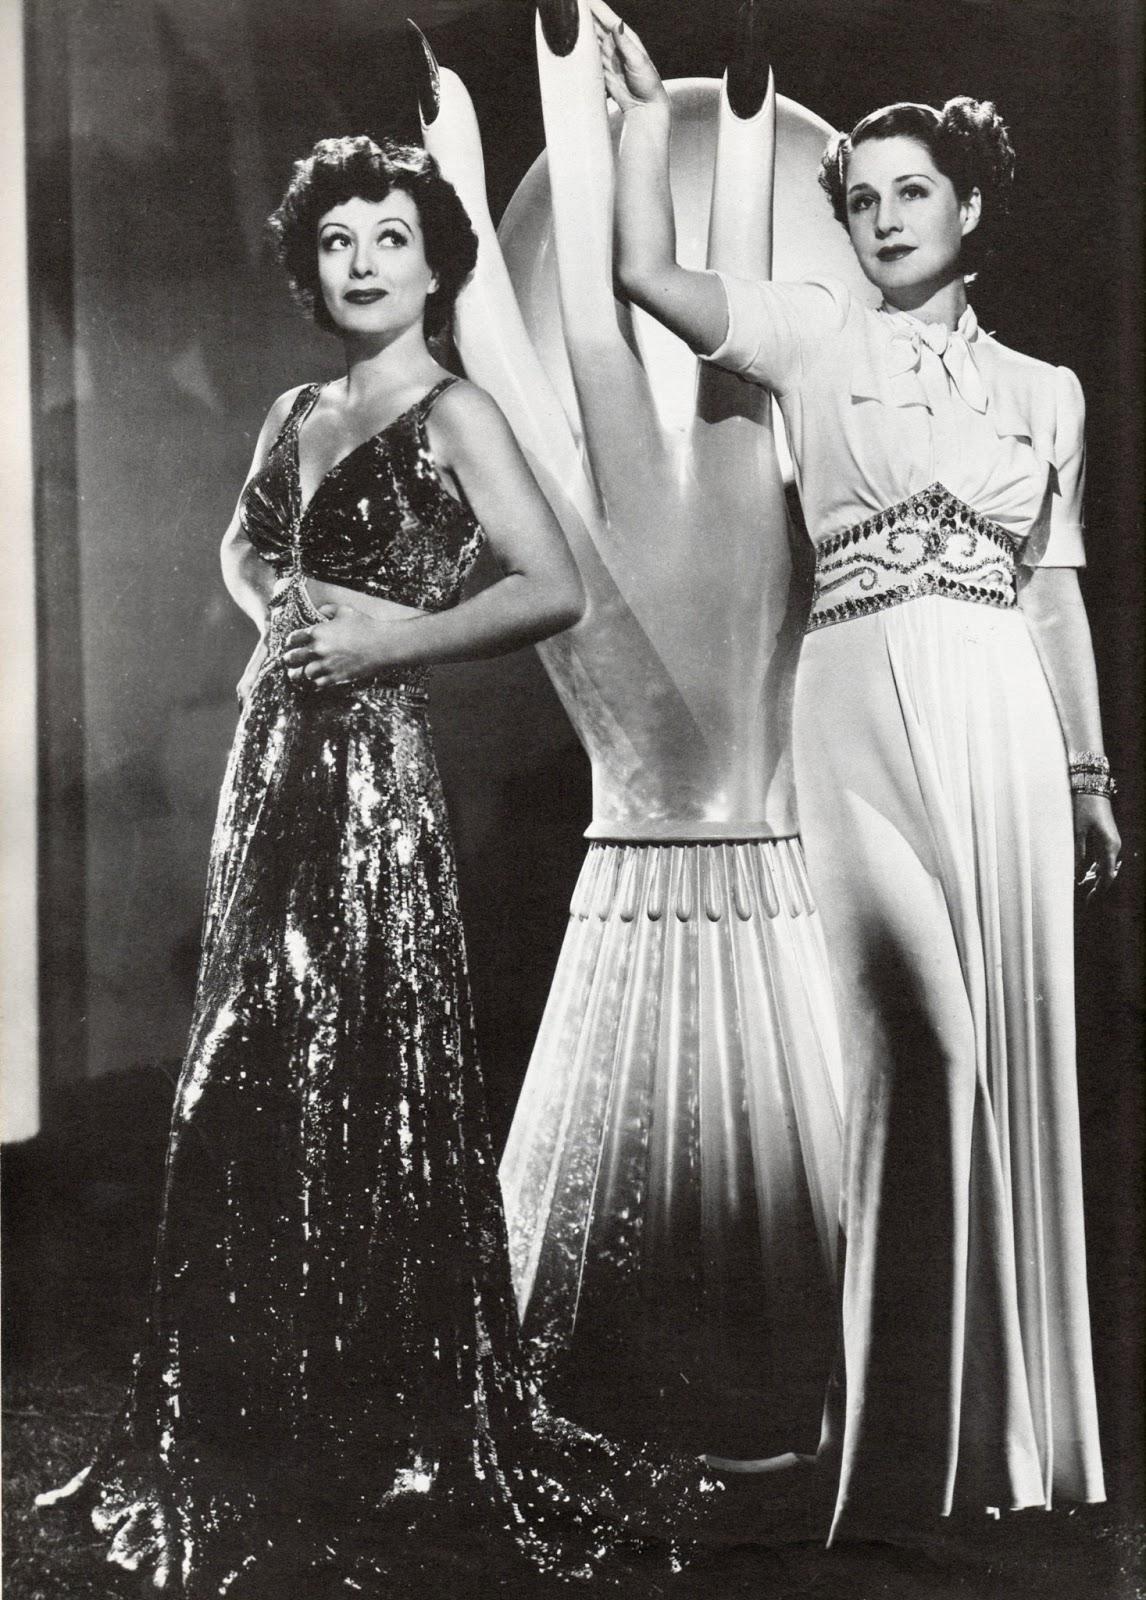 Joan+&+Norma+in+The+Women,+1939+design+adrian.jpg